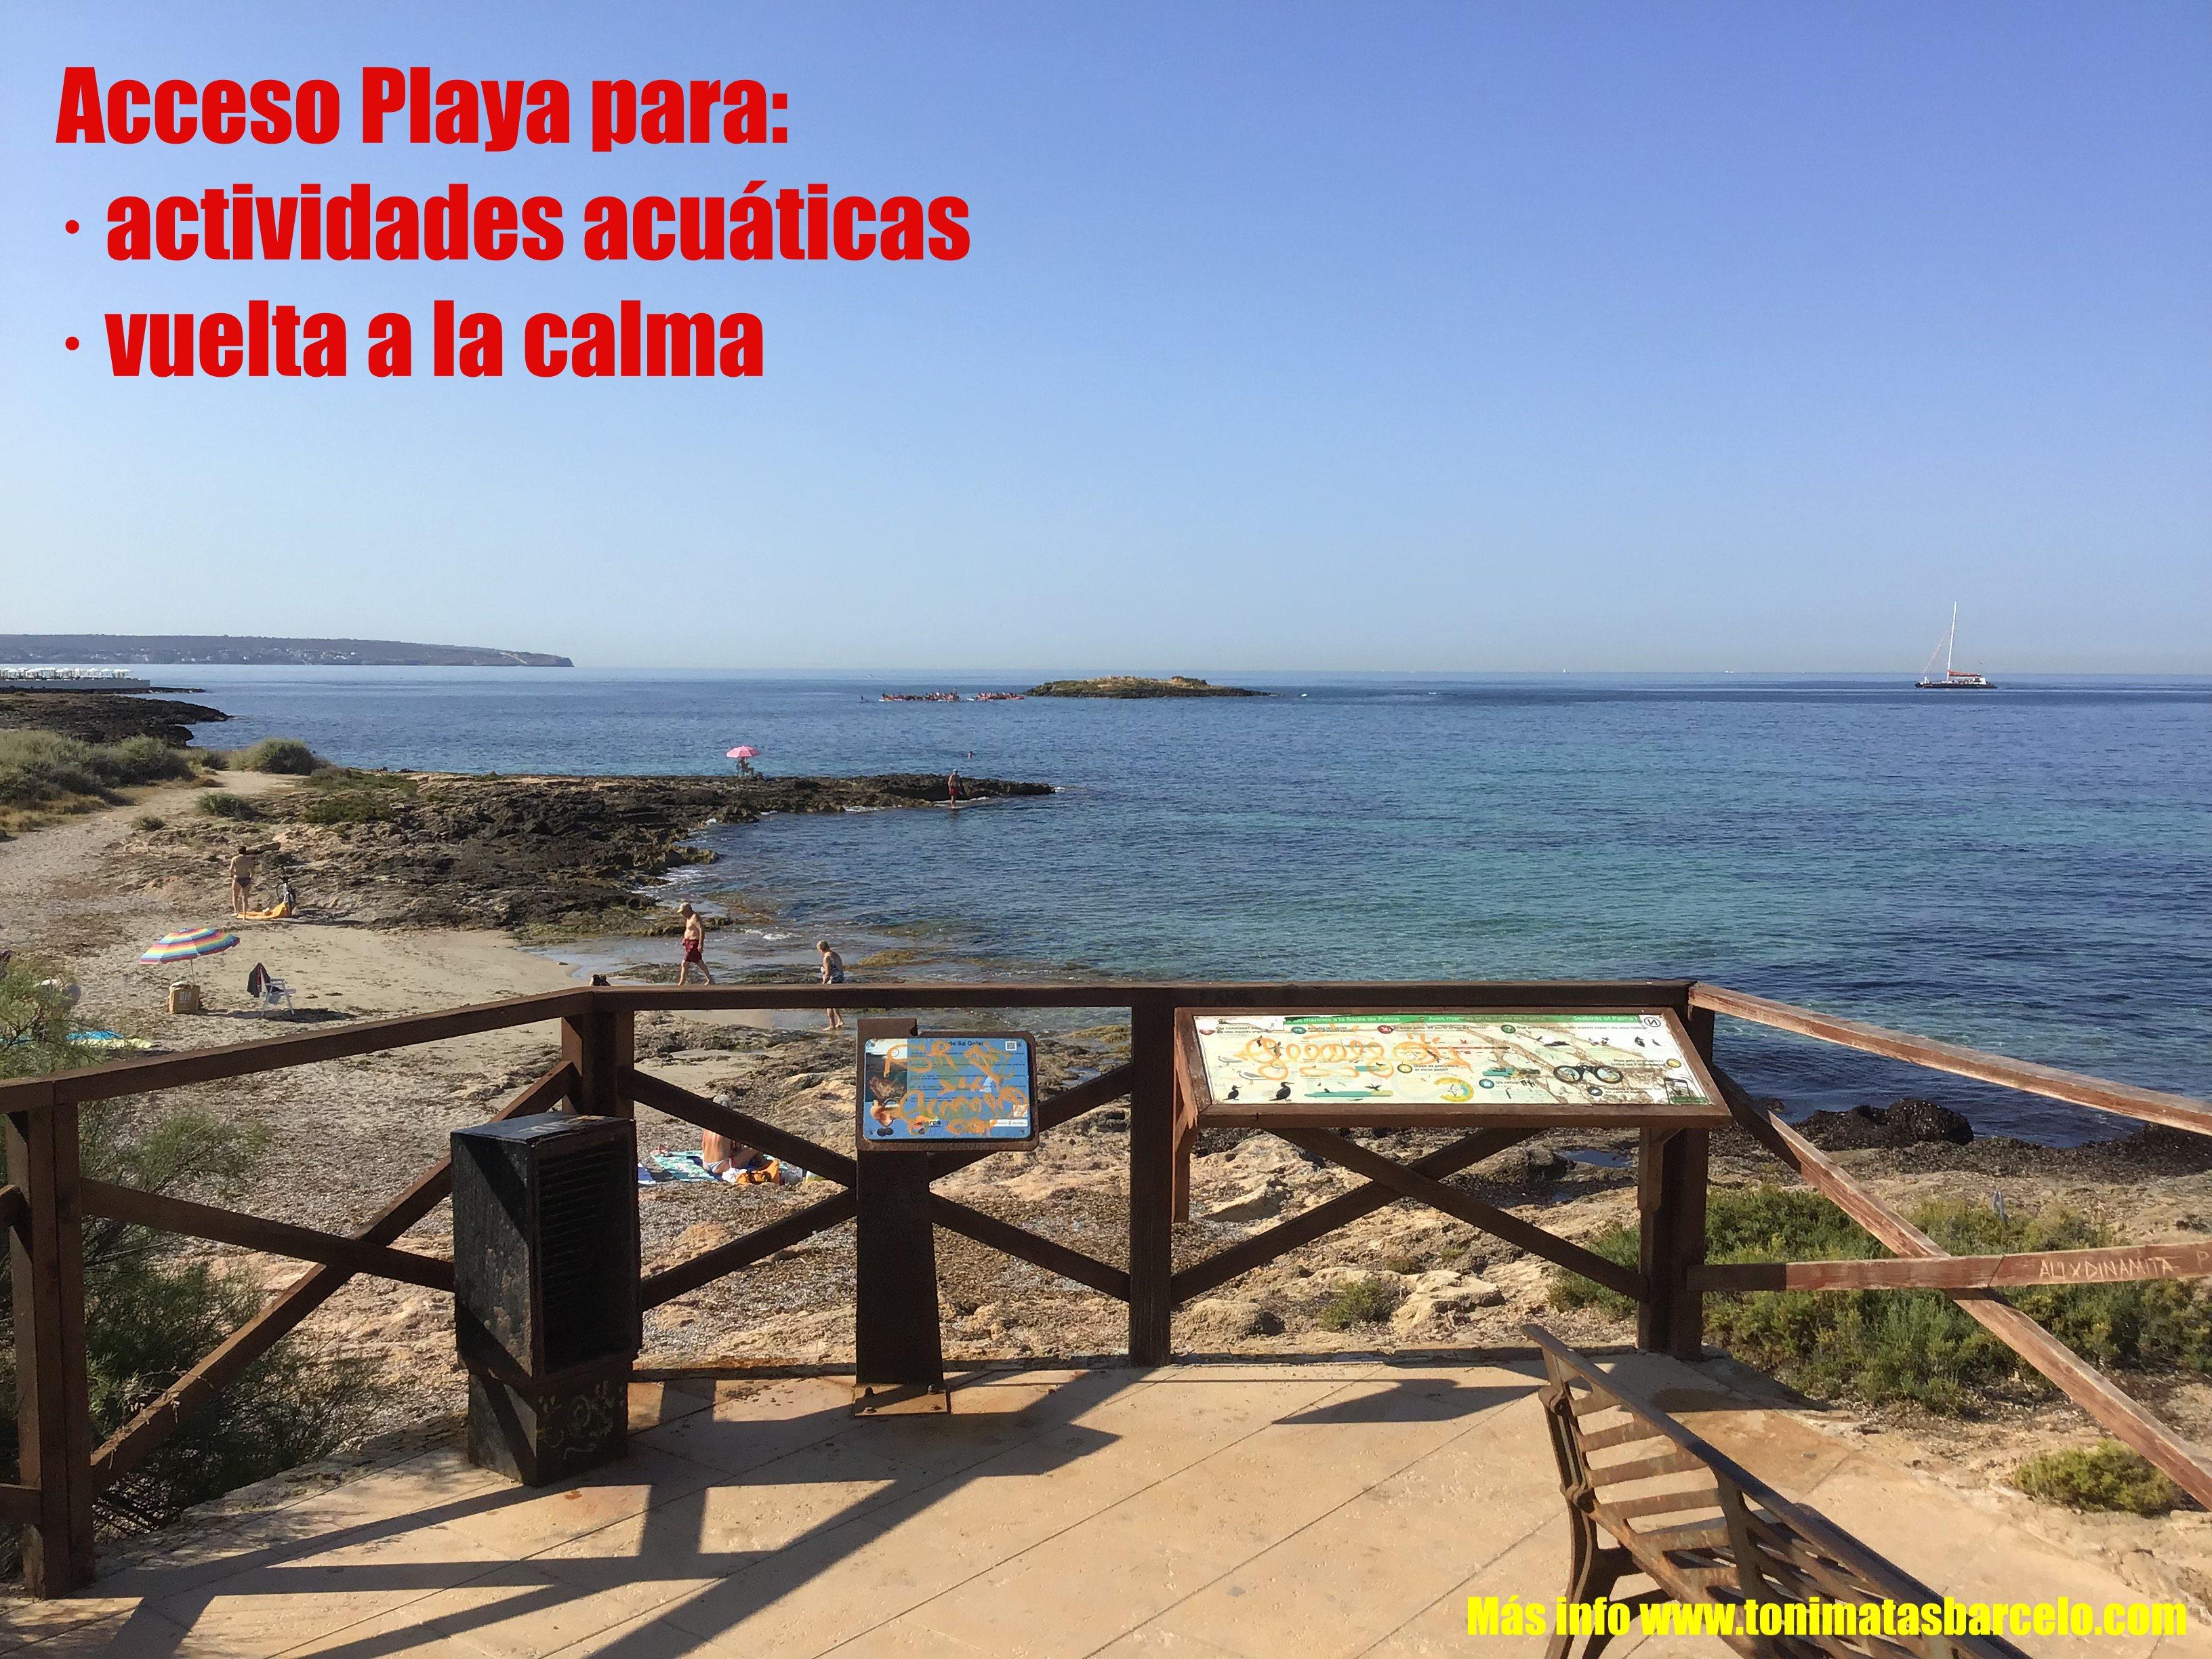 Preparación Física Es Carnatge. Más info en www.tonimatasbarcelo.com